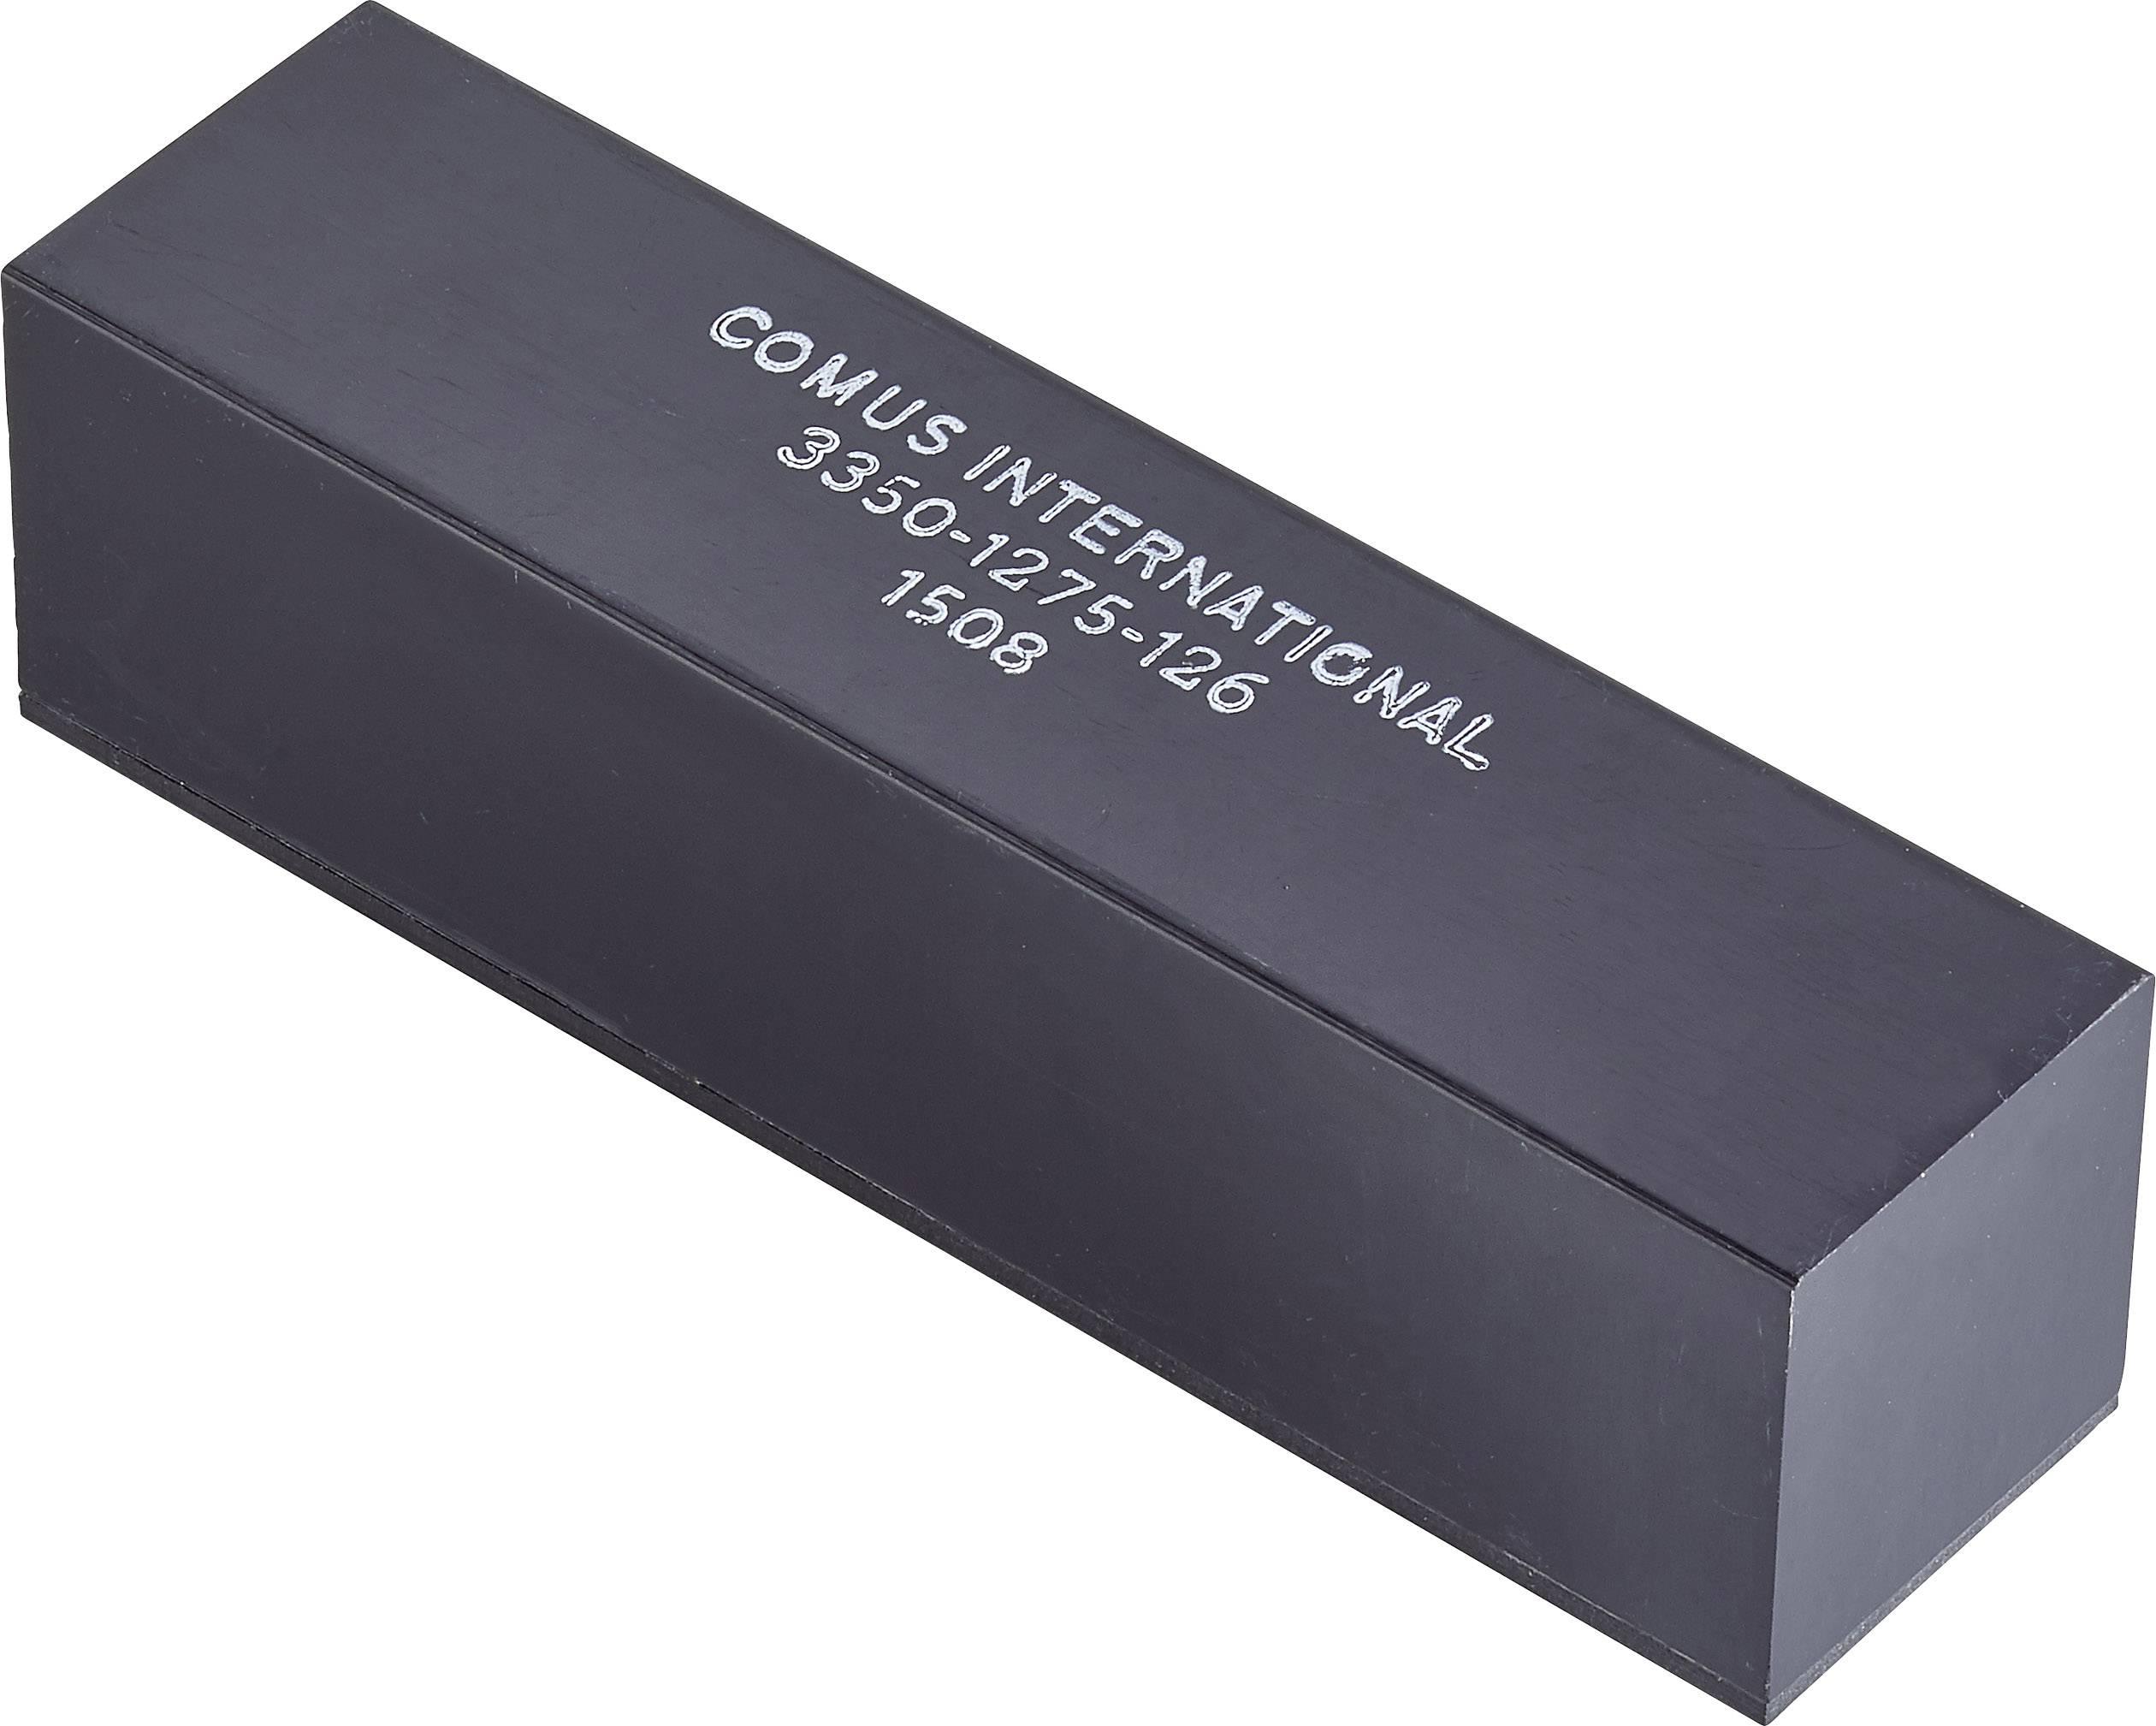 Relé s jazýčkovým kontaktem Comus 3350-1275-246, 3350-1275-246, 1 spínací kontakt, 24 V/DC, 3 A, 200 W